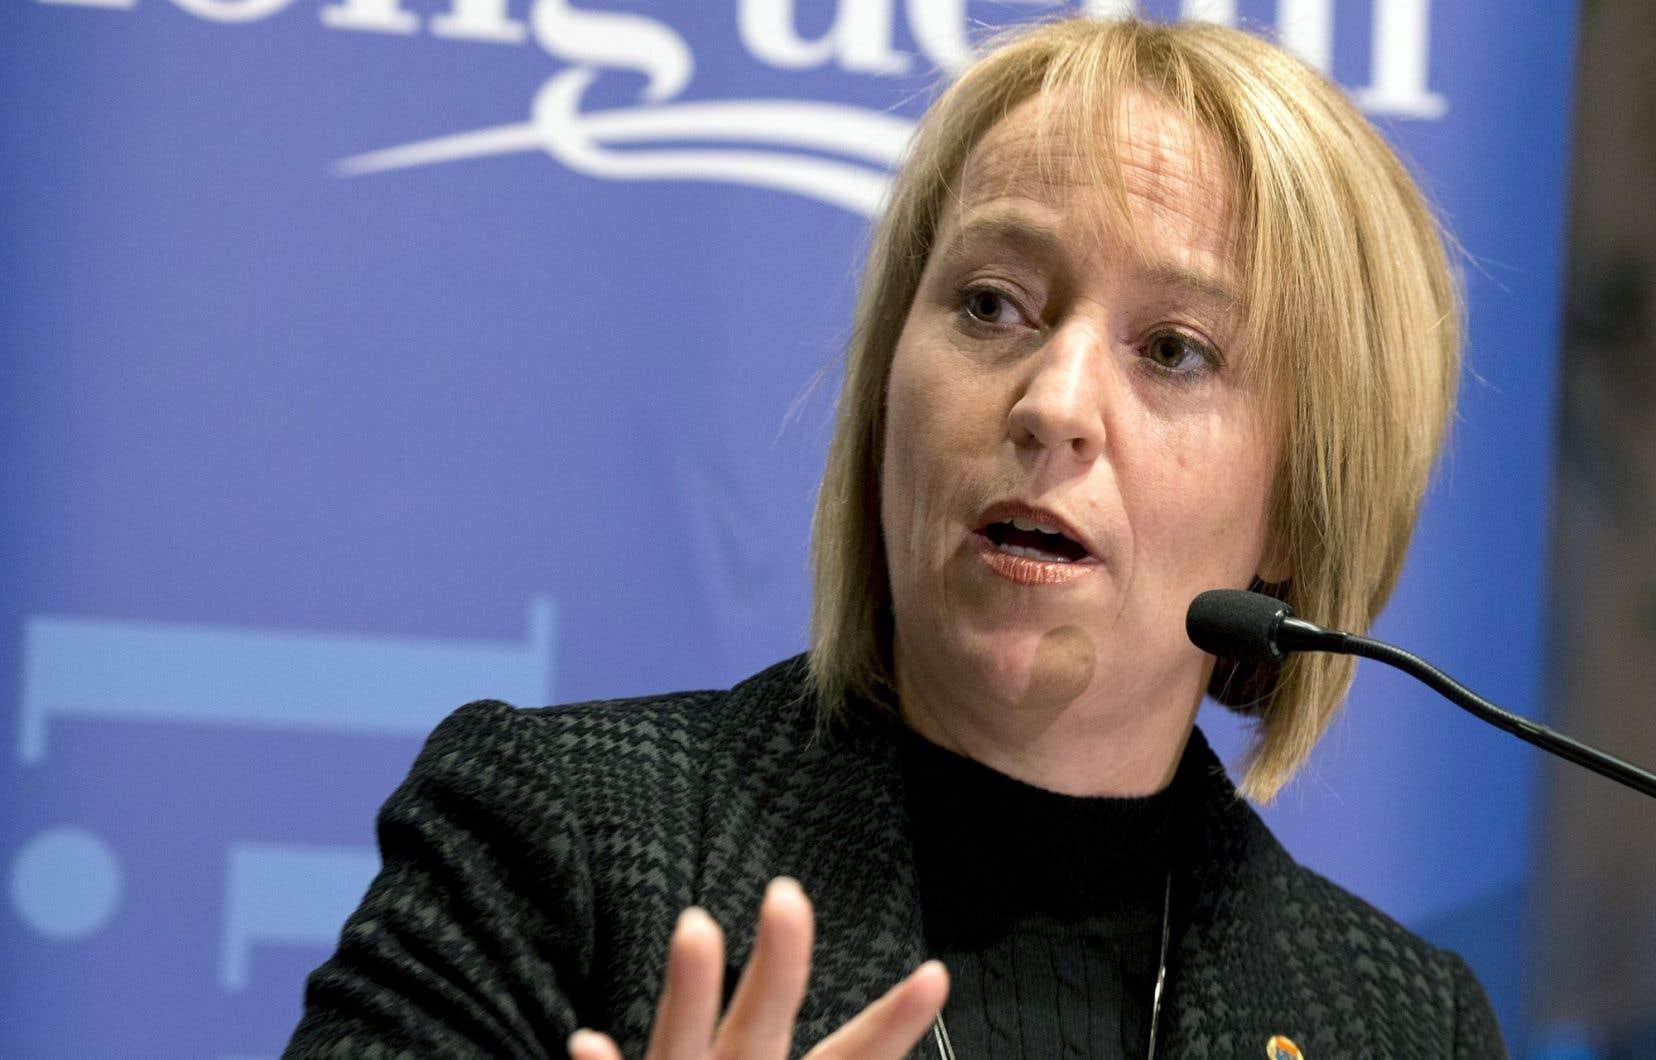 La mairesse de Longueuil, Caroline St-Hilaire, s'est dite fière d'avoir permis à d'autres femmes de songer à la politique, lors de l'annonce récente de son retrait de la vie politique après huit ans à son poste.